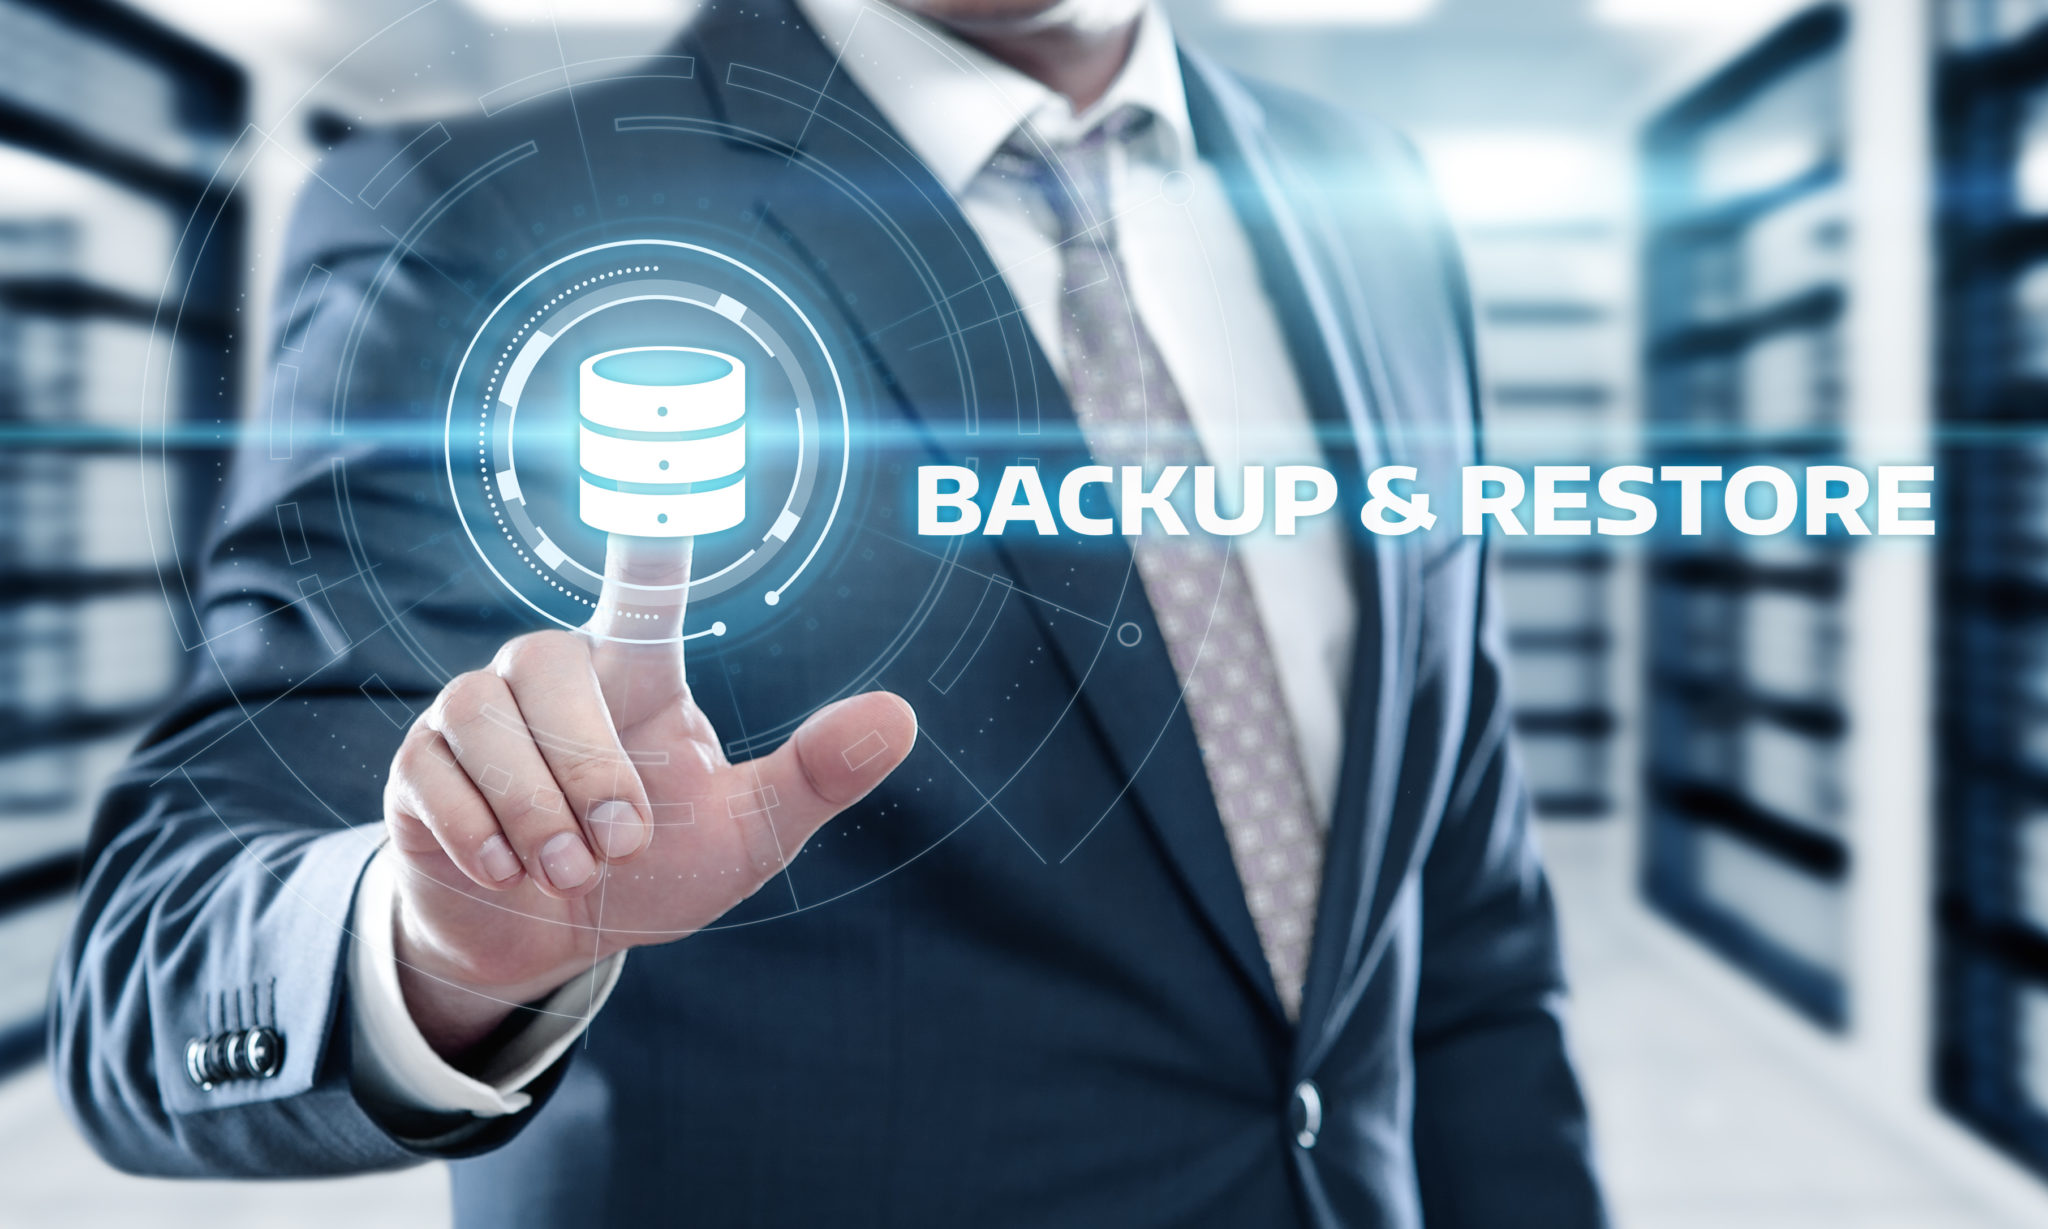 Online Backup & Restore